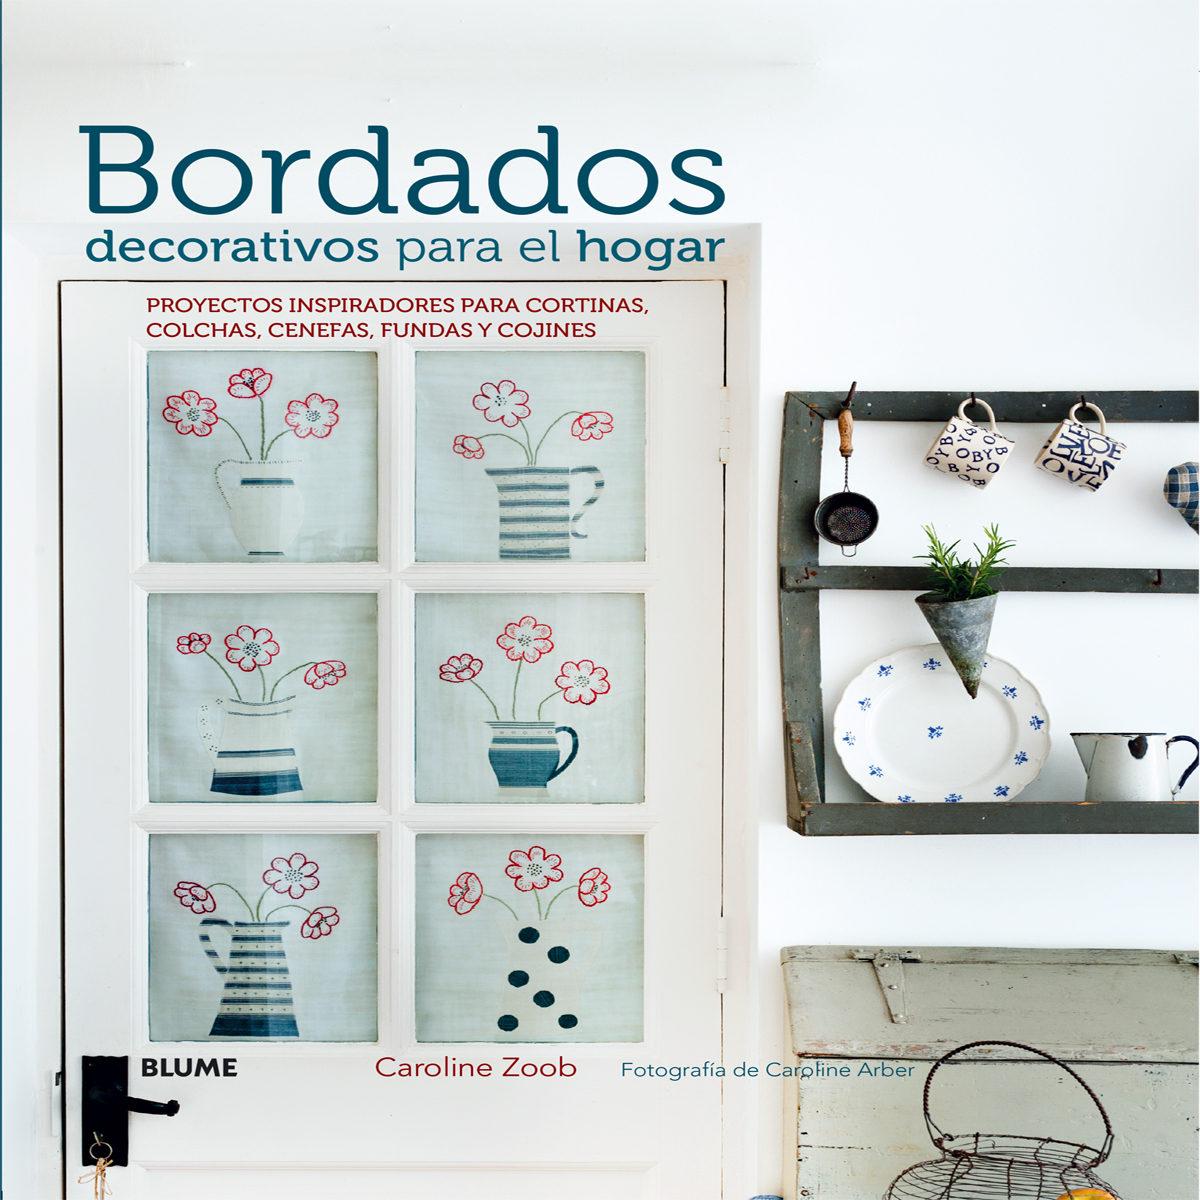 bordados decorativos para el hogar proyectos para cortinas colchas cenefas fundas